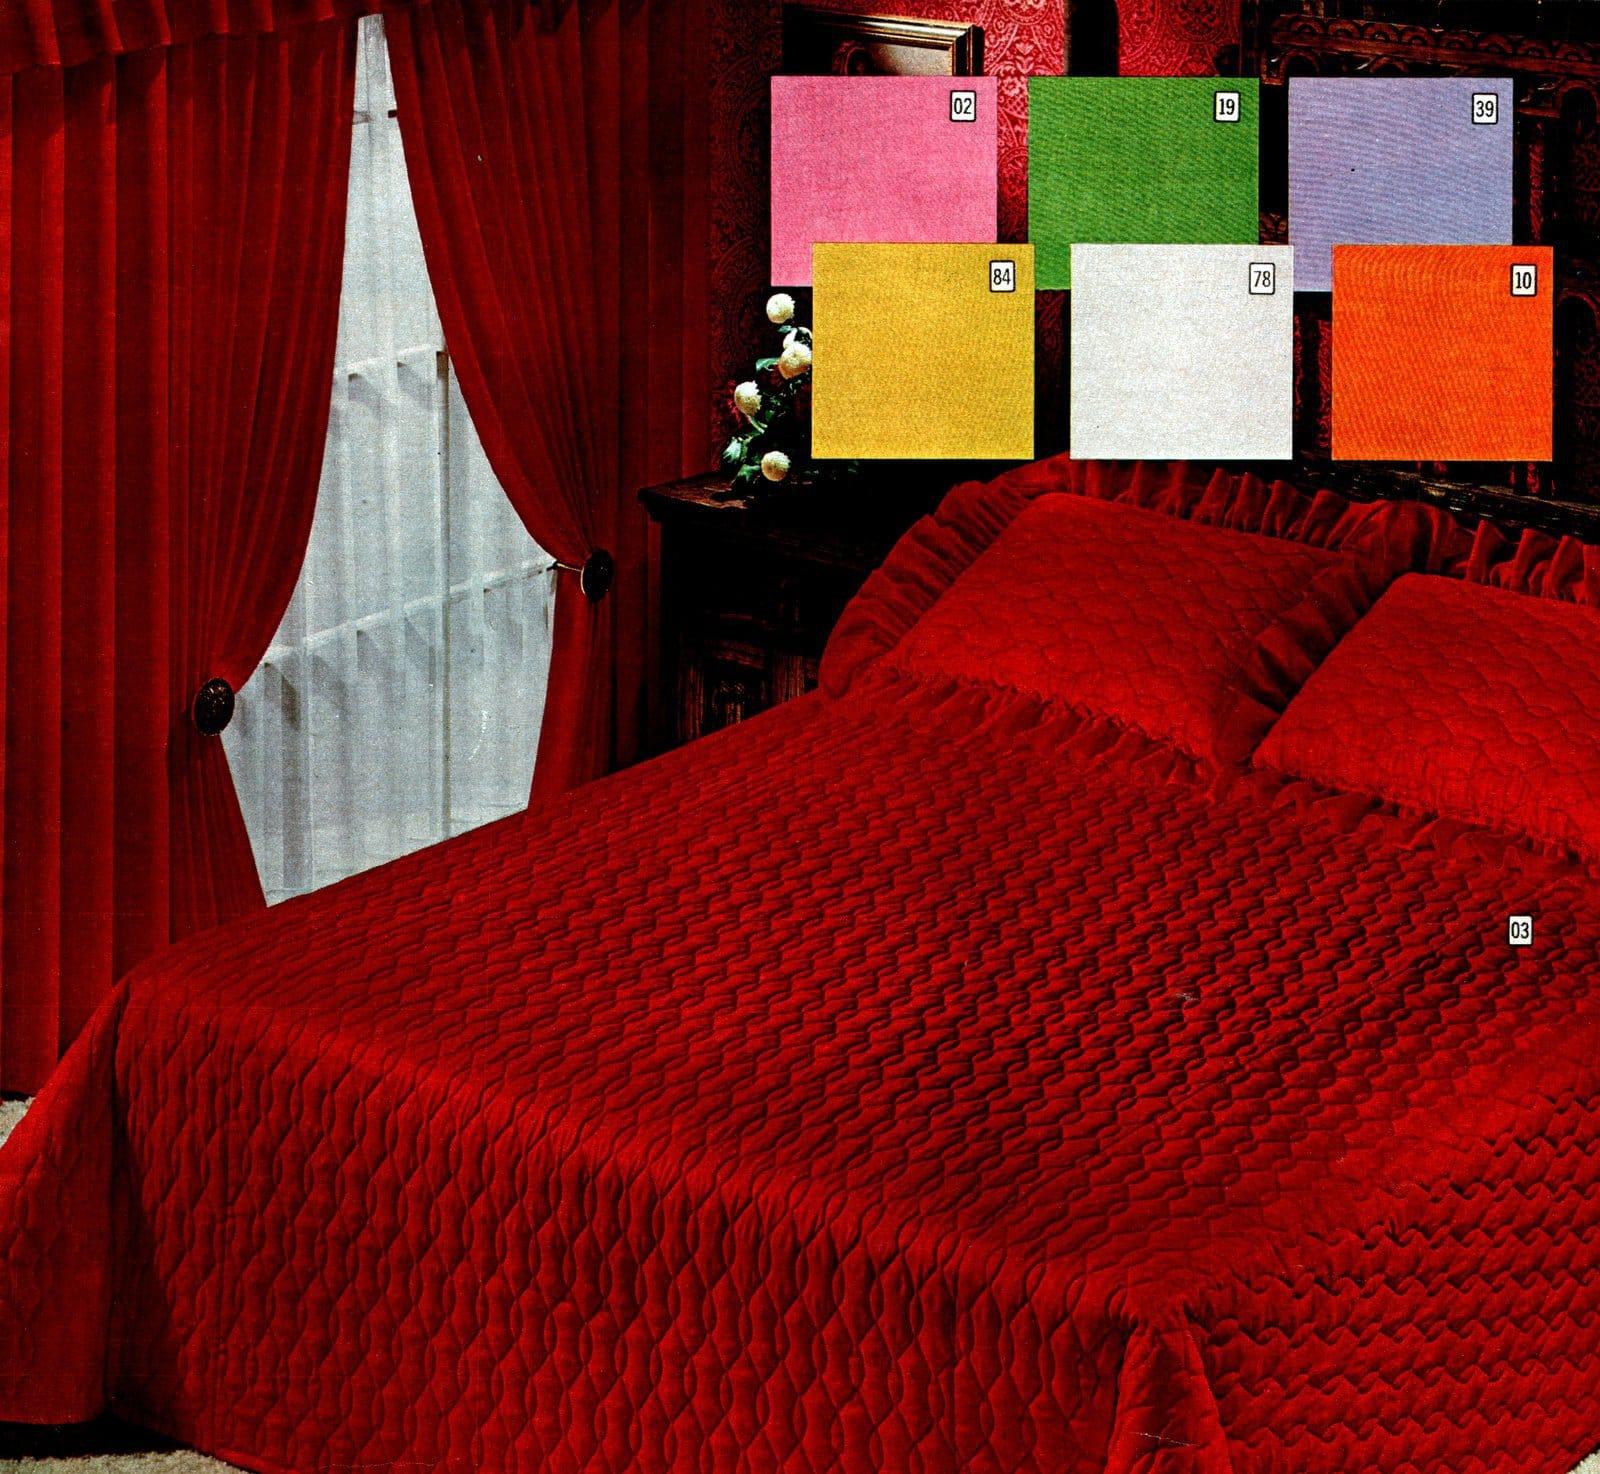 Shiny satiny deep red retro bedspread